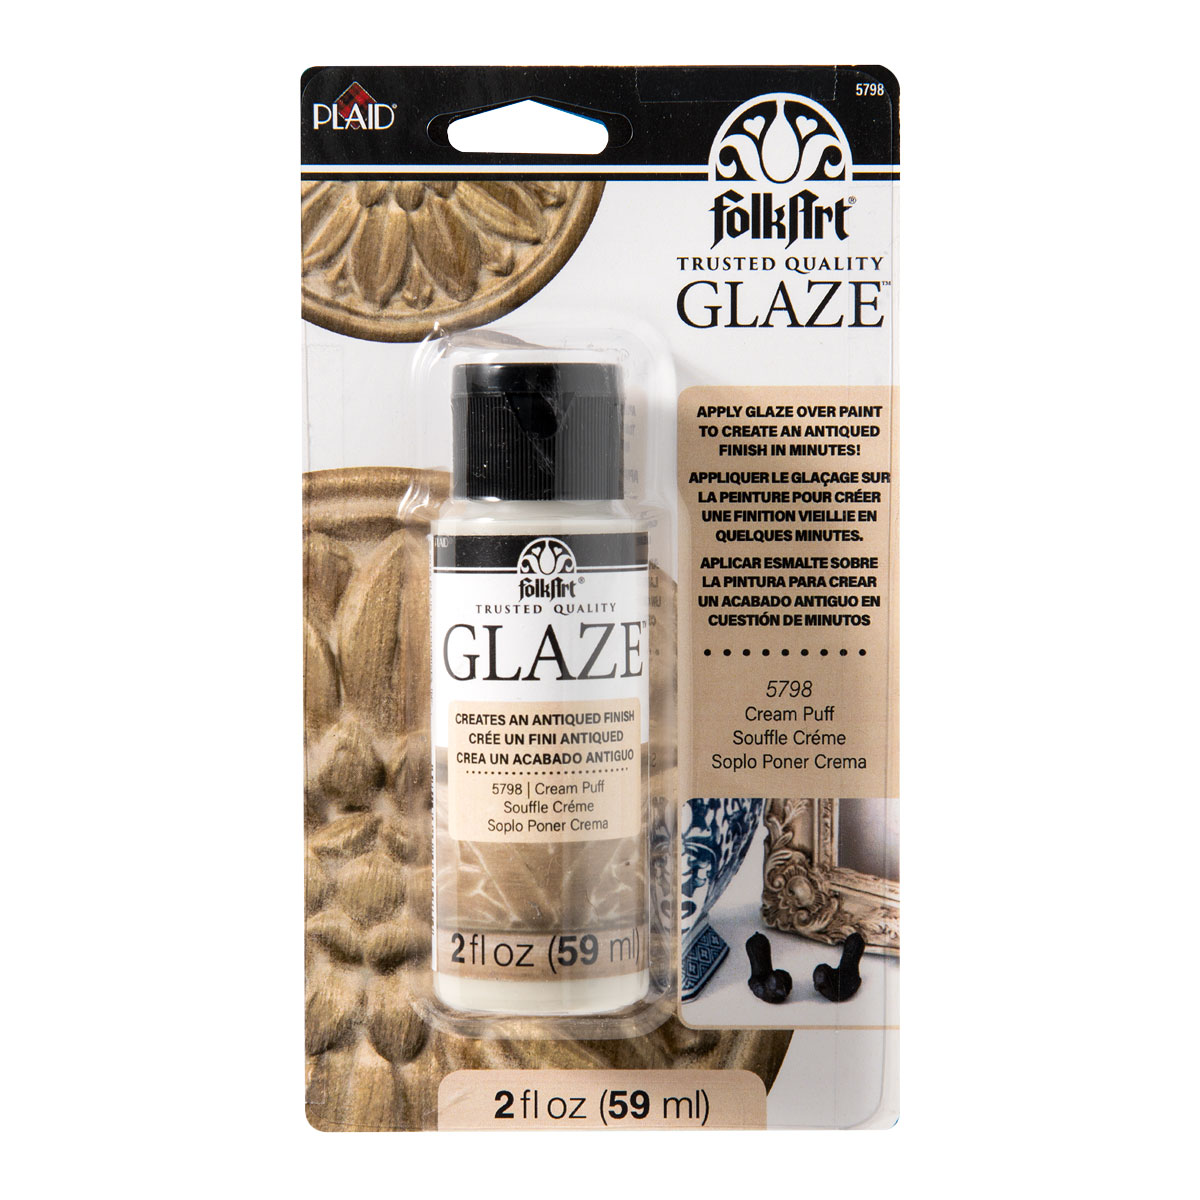 FolkArt ® Glaze™ - Cream Puff, 2 oz. Carded